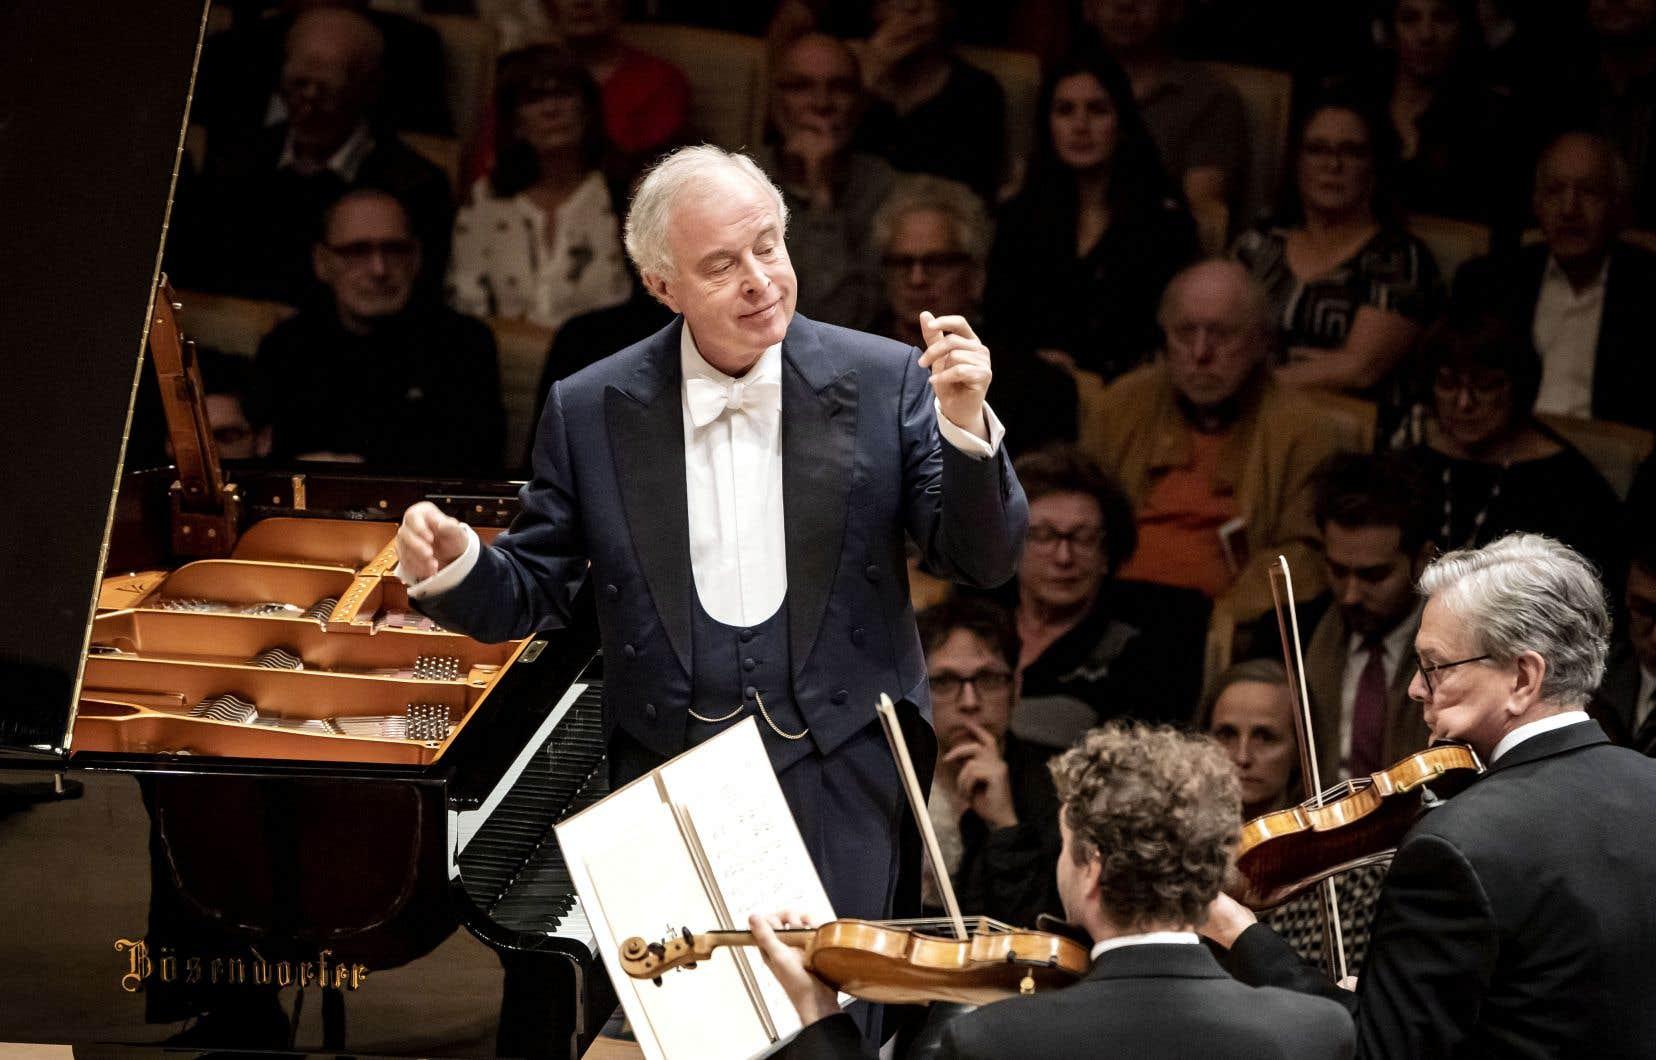 Mercredi et jeudi dernier, András Schiff n'a pas dirigé la seconde partie du concert de l'OSM, qui présentait la Suite de danses de Bartók.